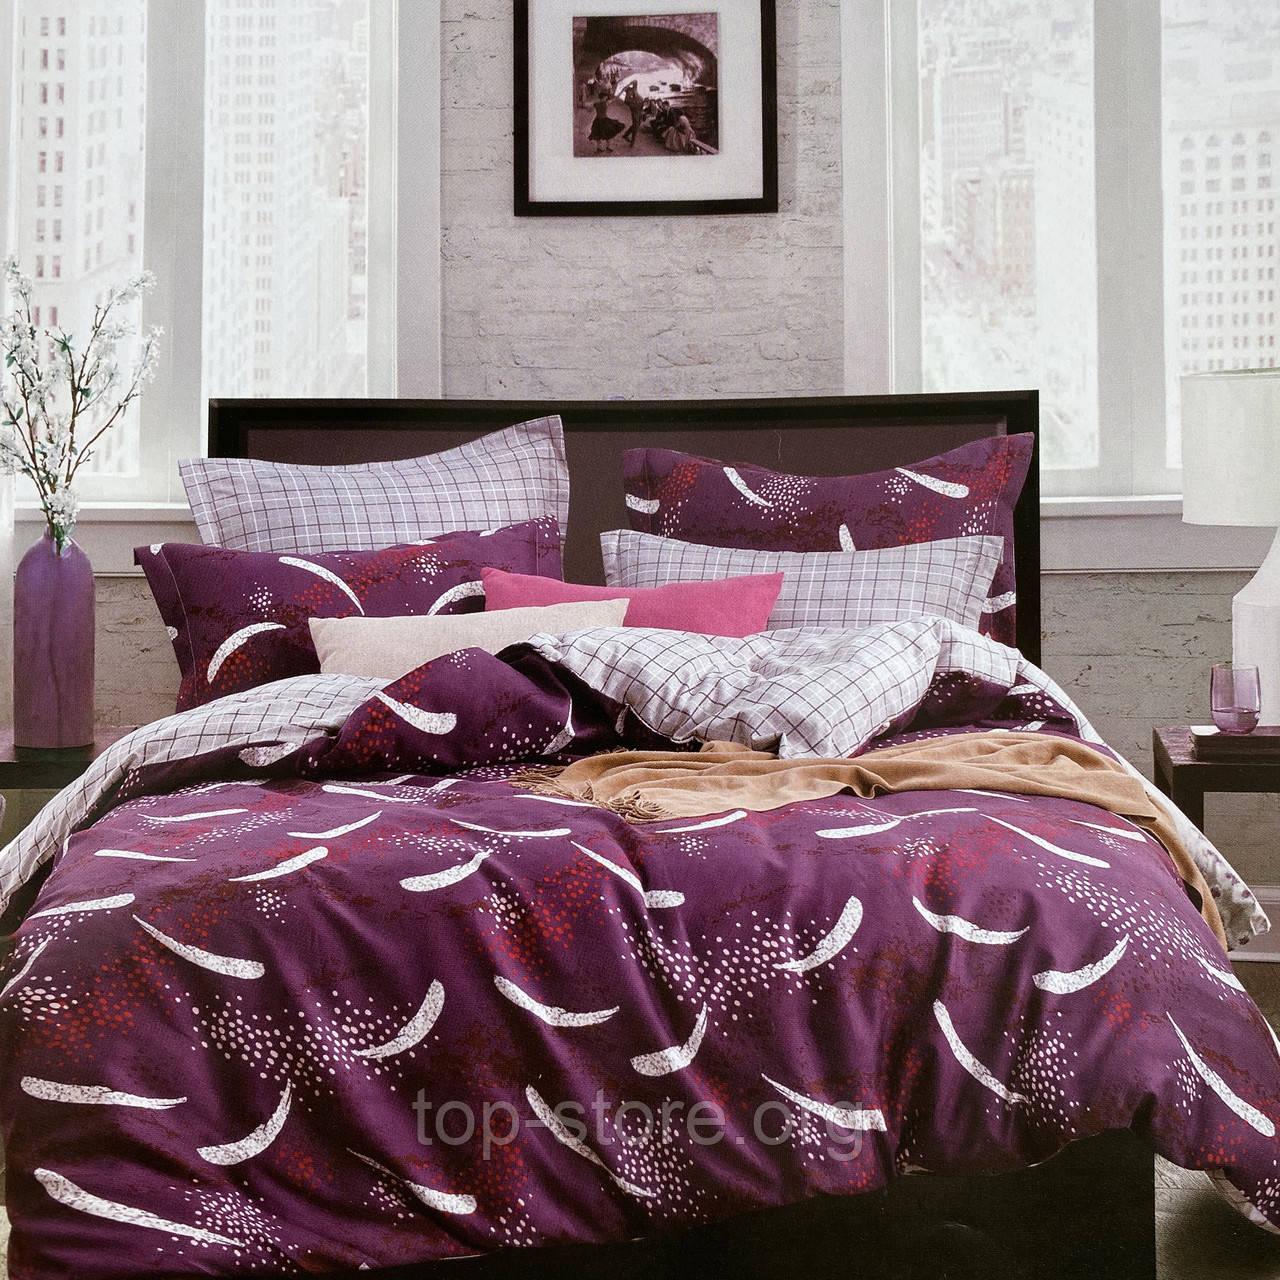 Комплект постельного белья Размер полуторный   Постельное белье Фланель ( Байка)